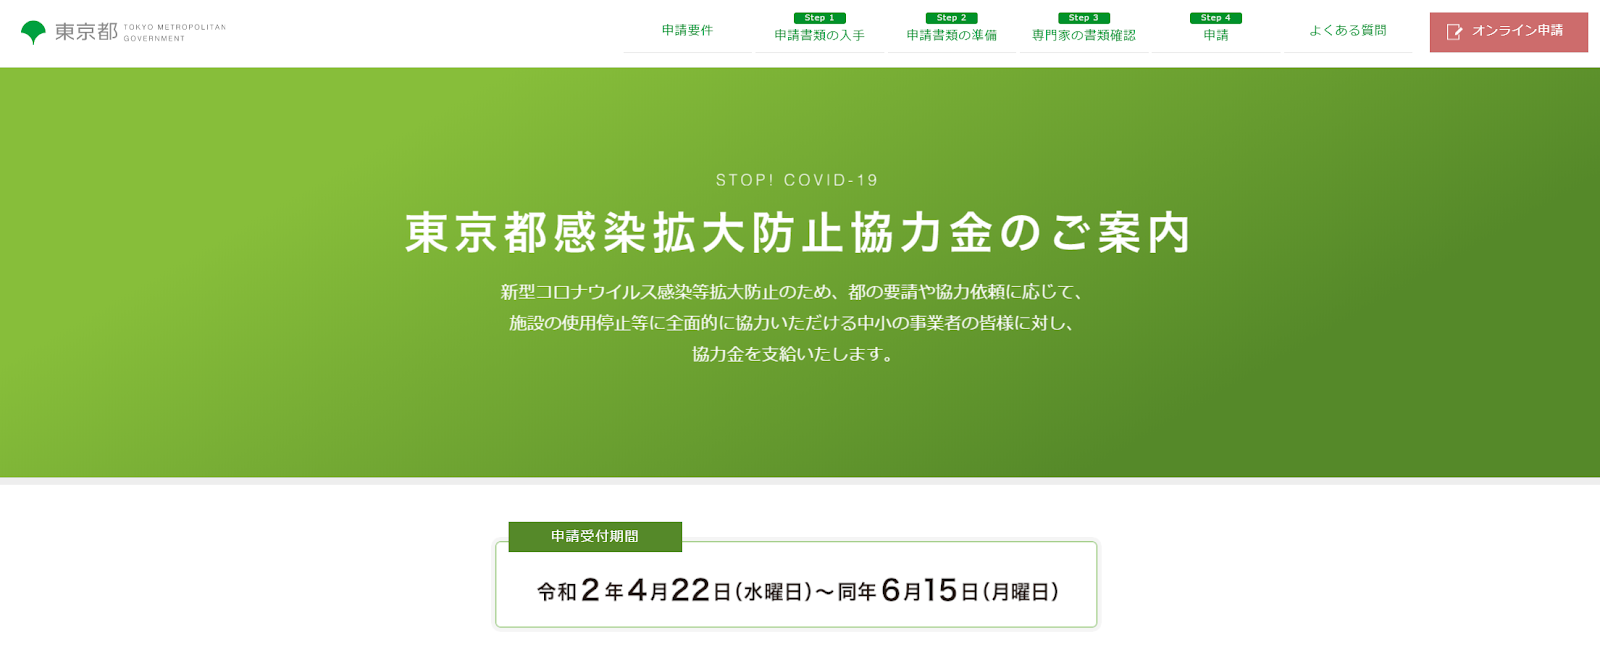 東京 都 コロナ 対策 協力 金